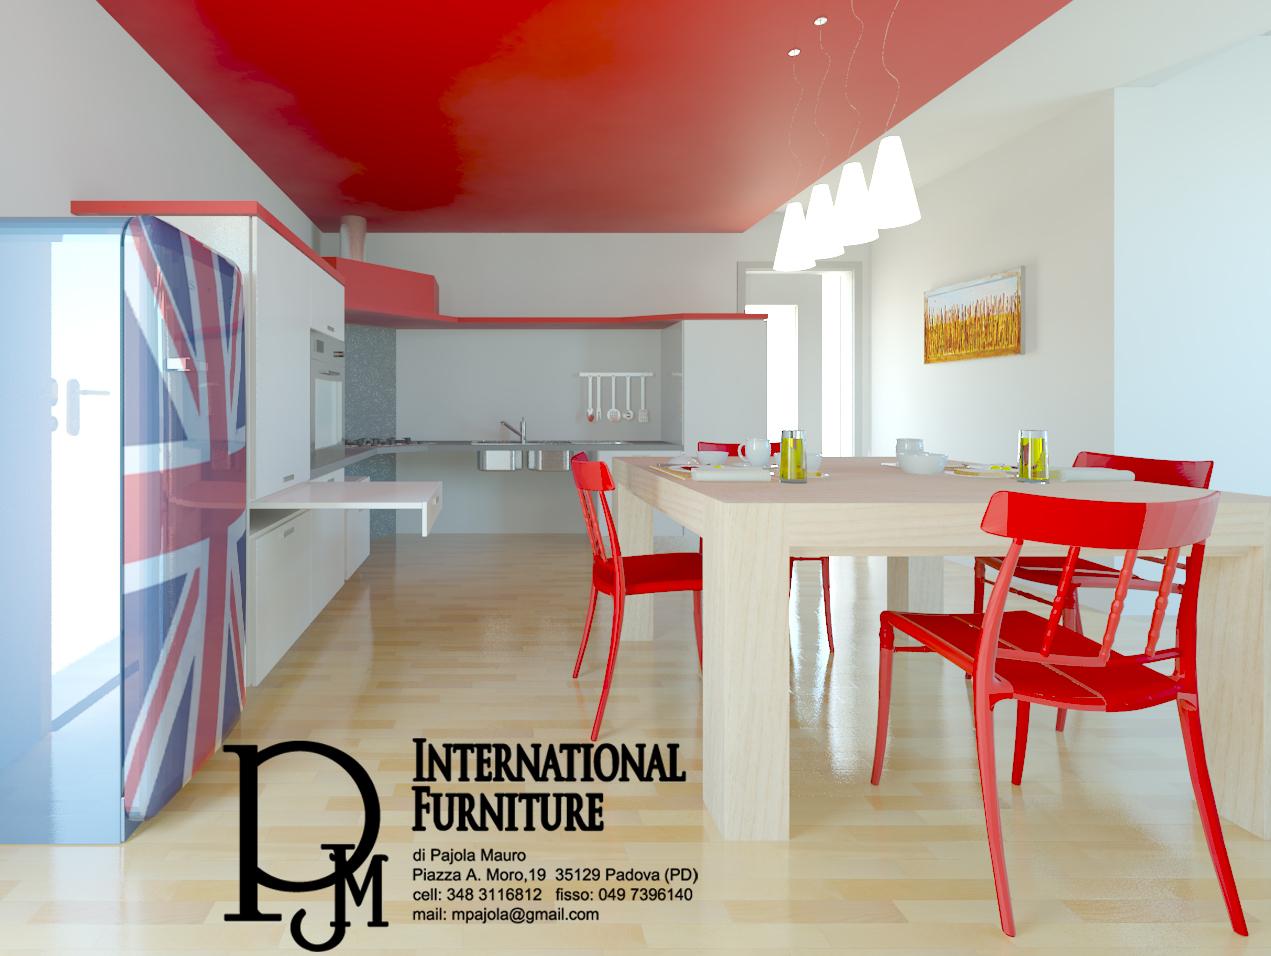 Cucina per Disabili a Padova – Arredamenti PJM International